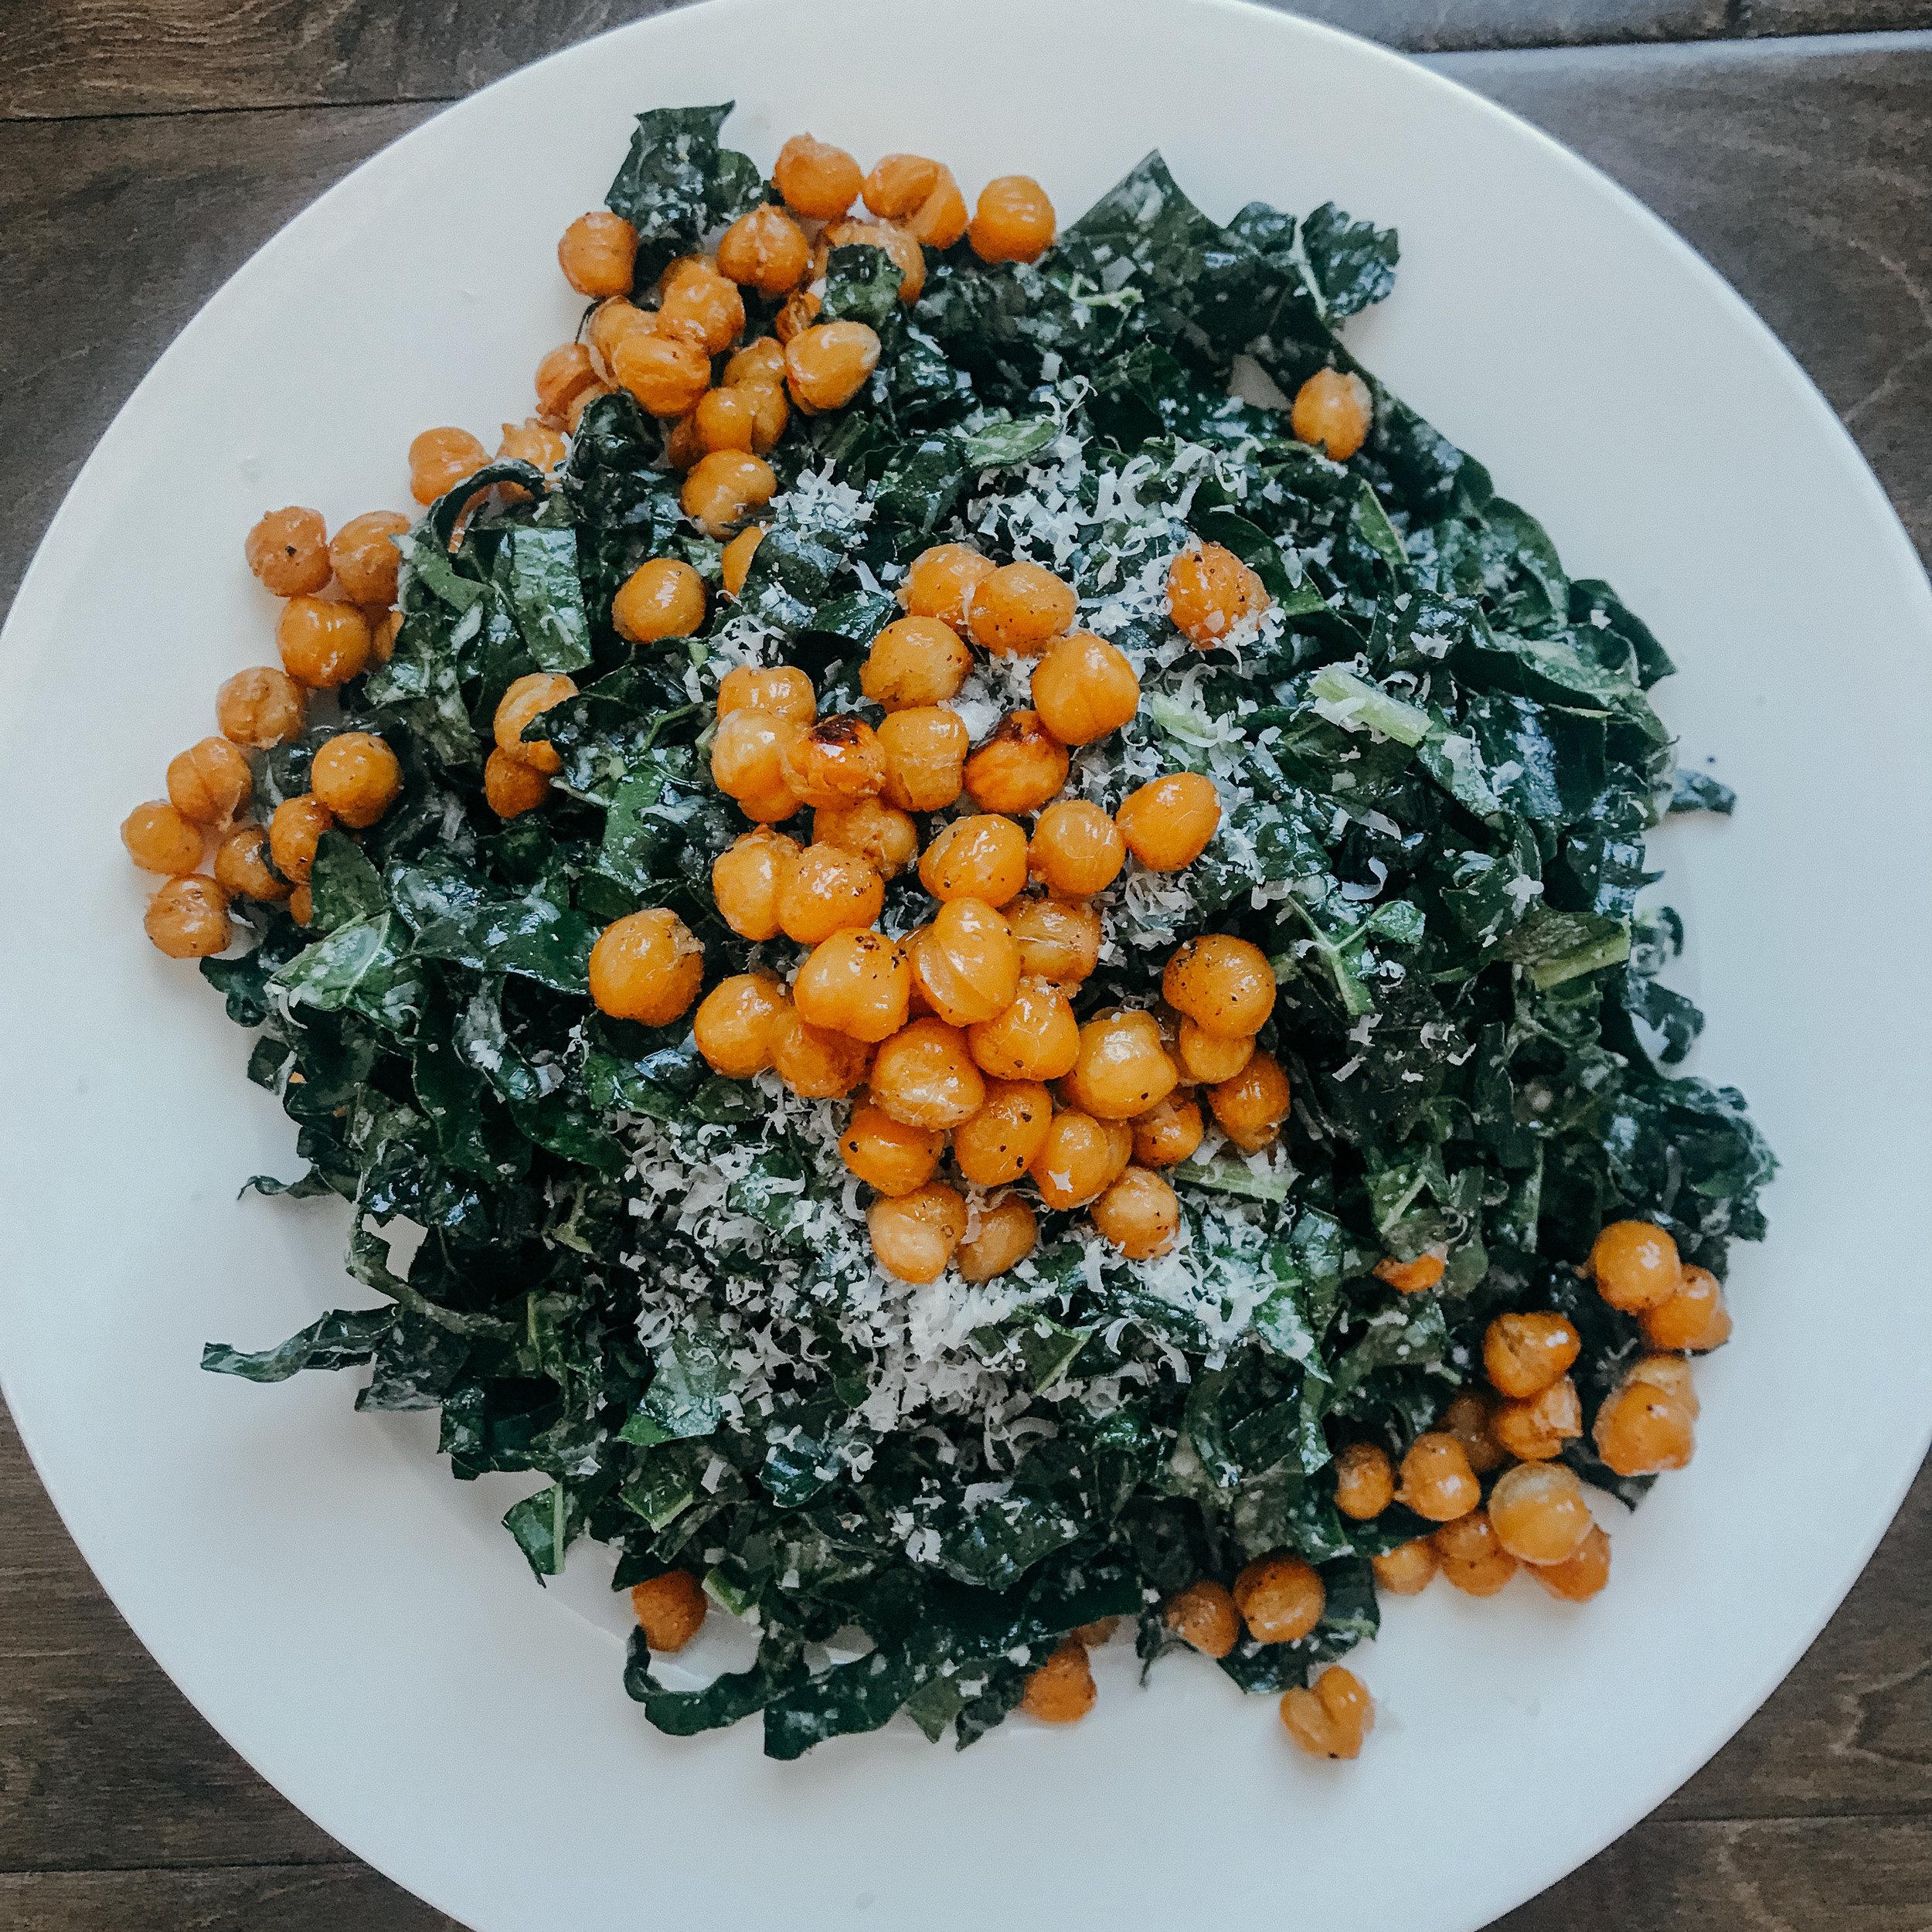 Citrus Parmesan Kale Salad